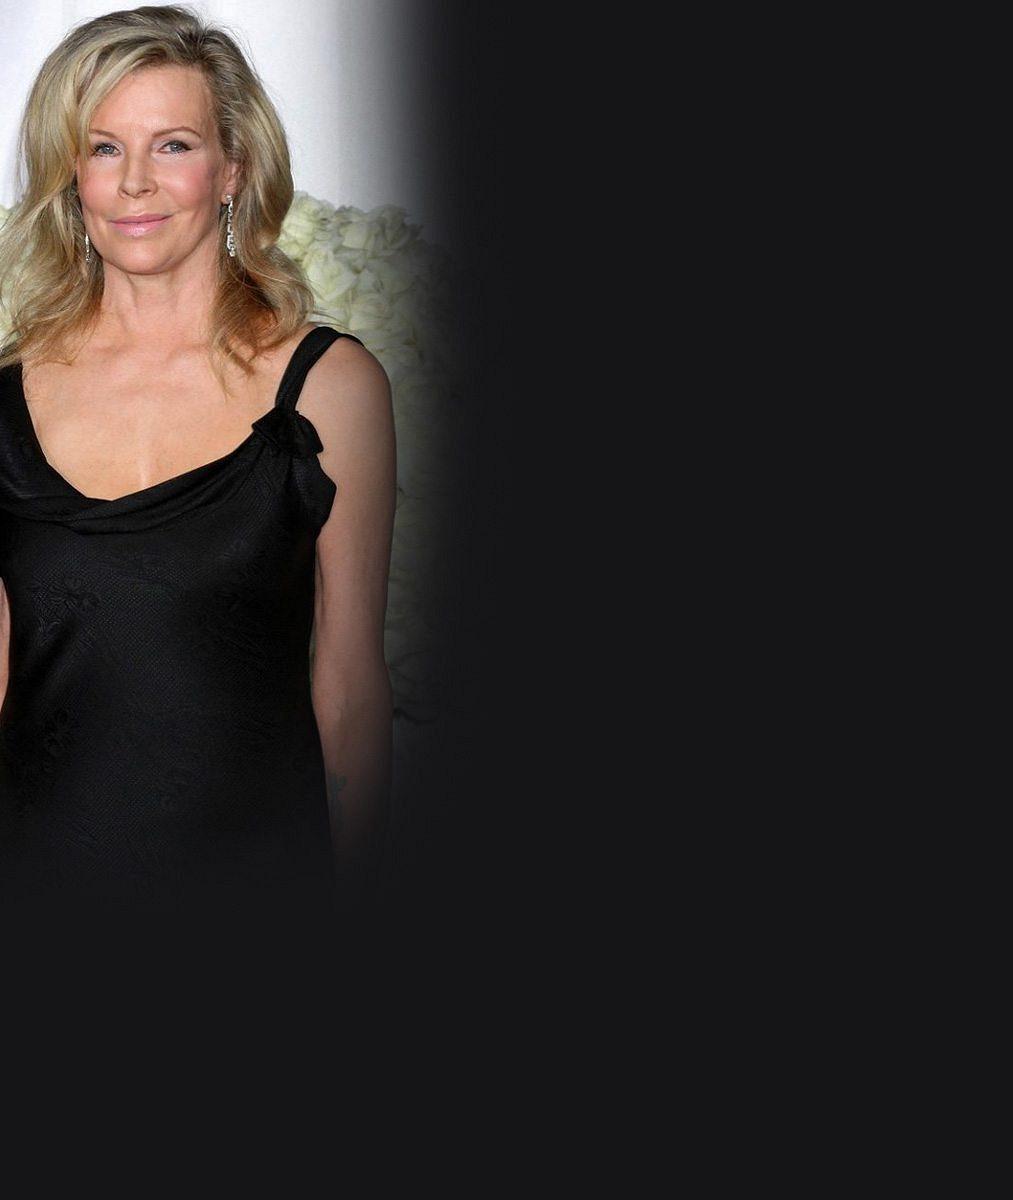 Slavná herečka (63) zázračně omládla: Kvůli roli učitelky sexu si nechala vyžehlit tvář